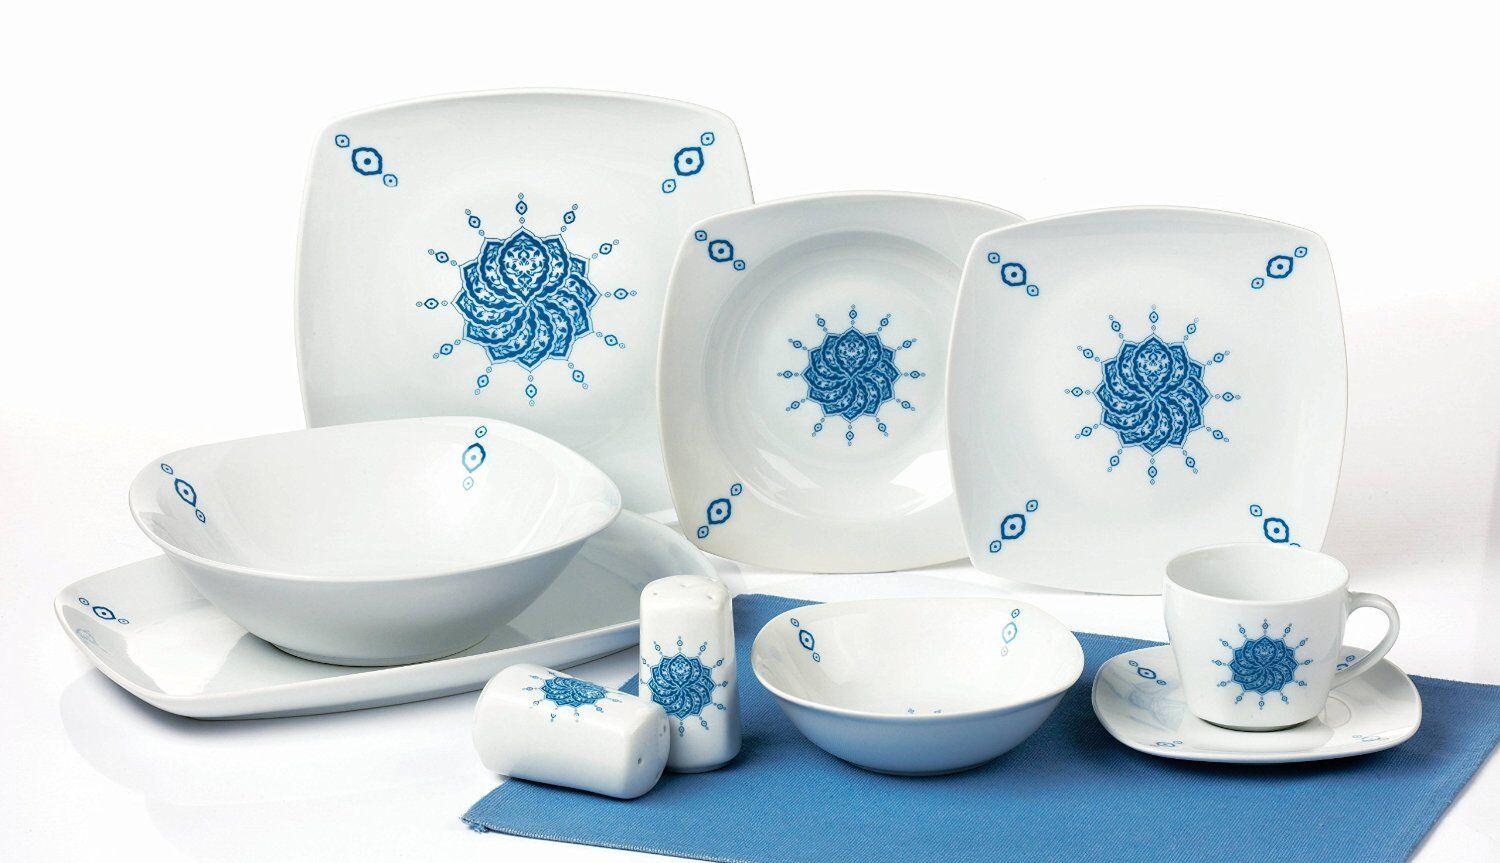 Porcelaine Service de Vaisselle Combi 40 Pièces Hünkar Tk-983